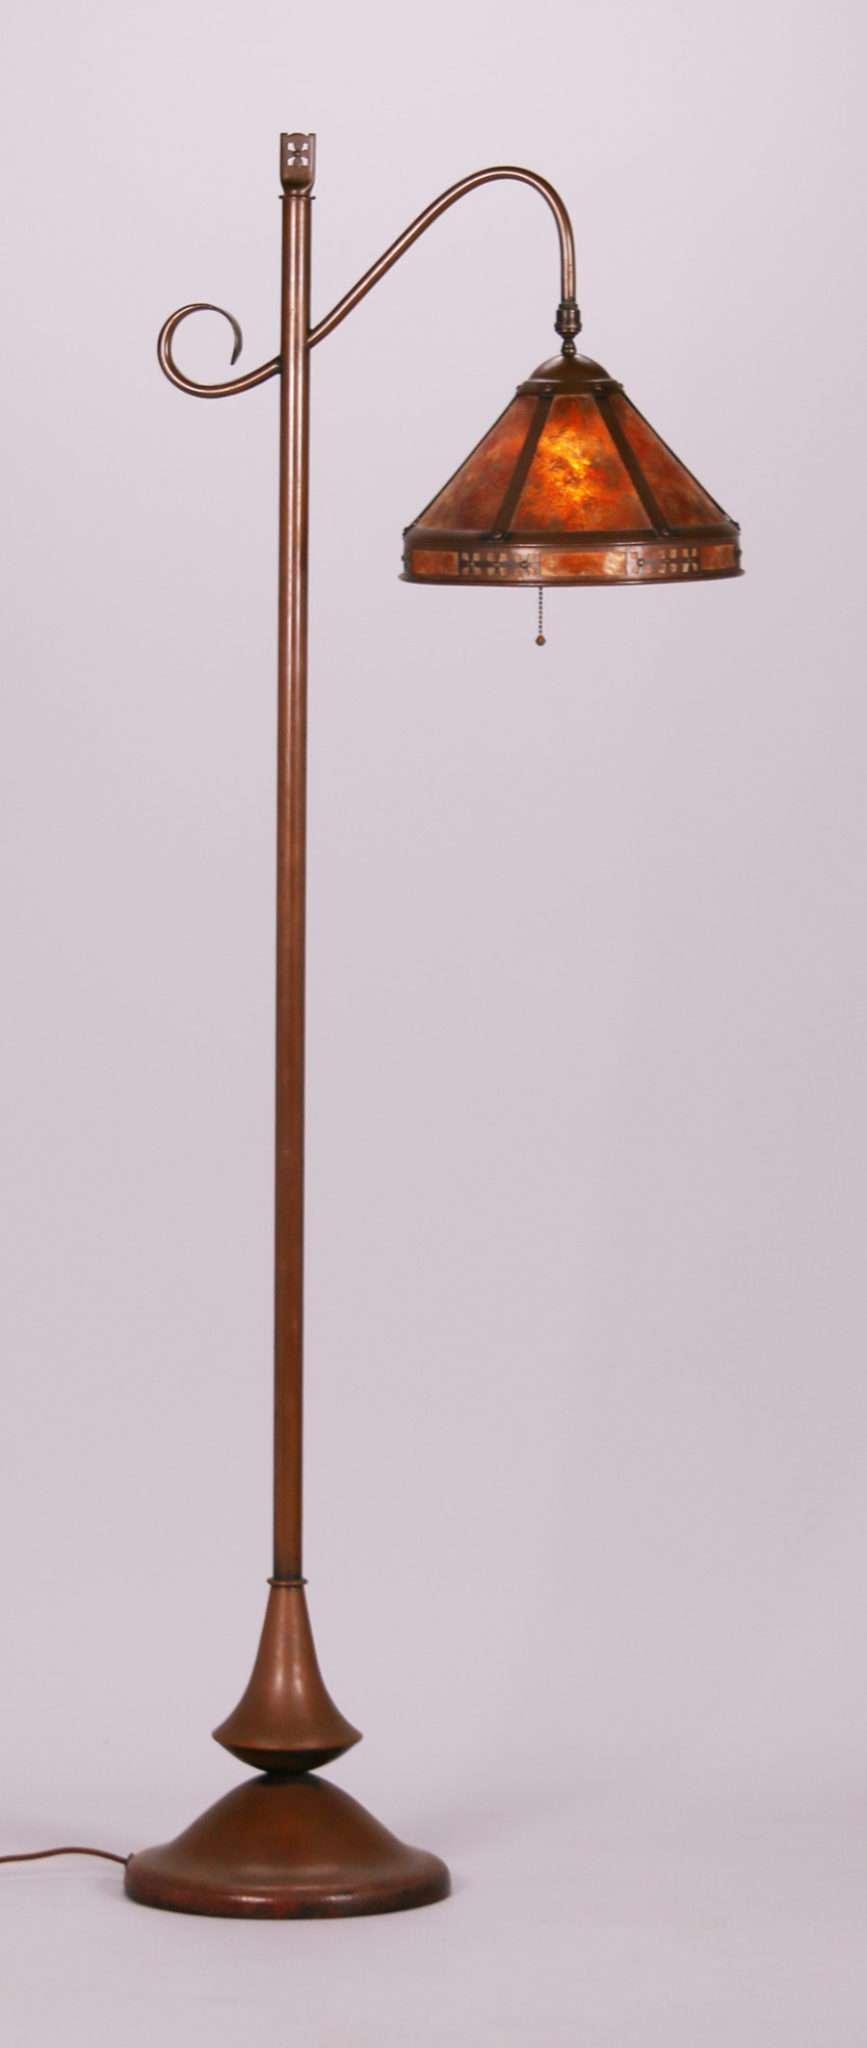 Dirk Van Erp Hammered Copper Amp Mica Floor Lamp C1915